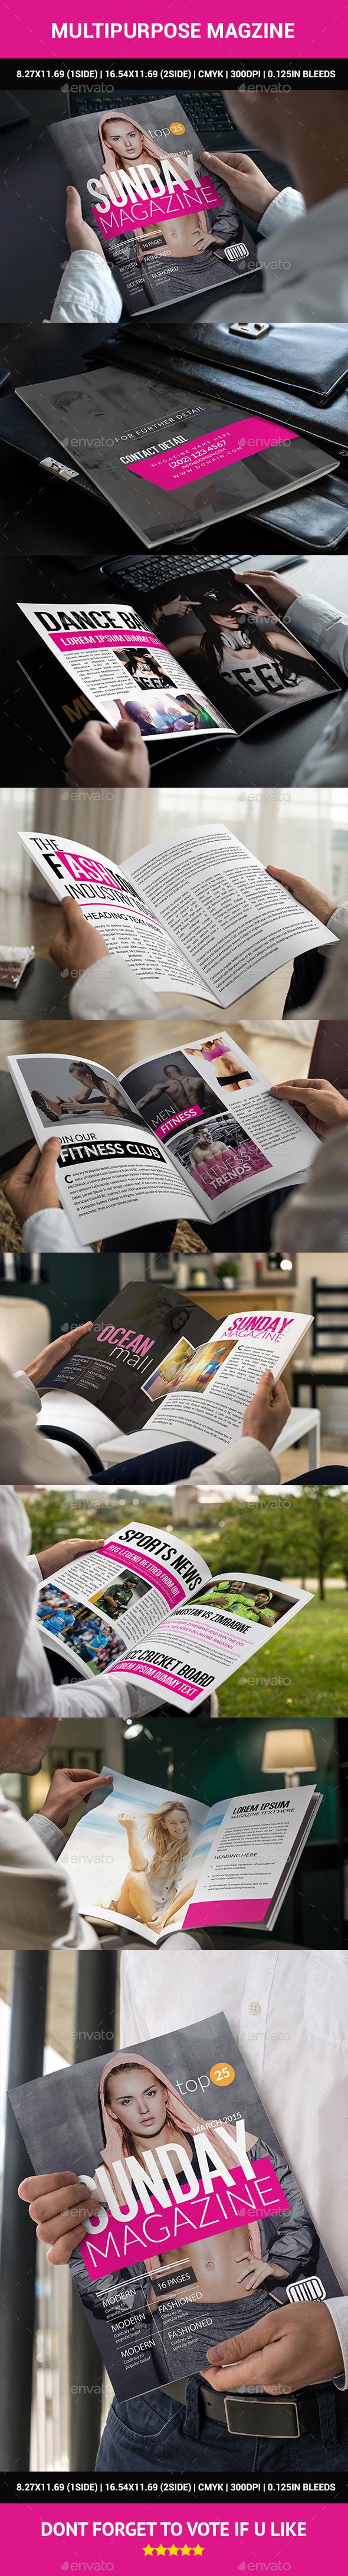 Multipurpose Magzine - Magazines Print Templates